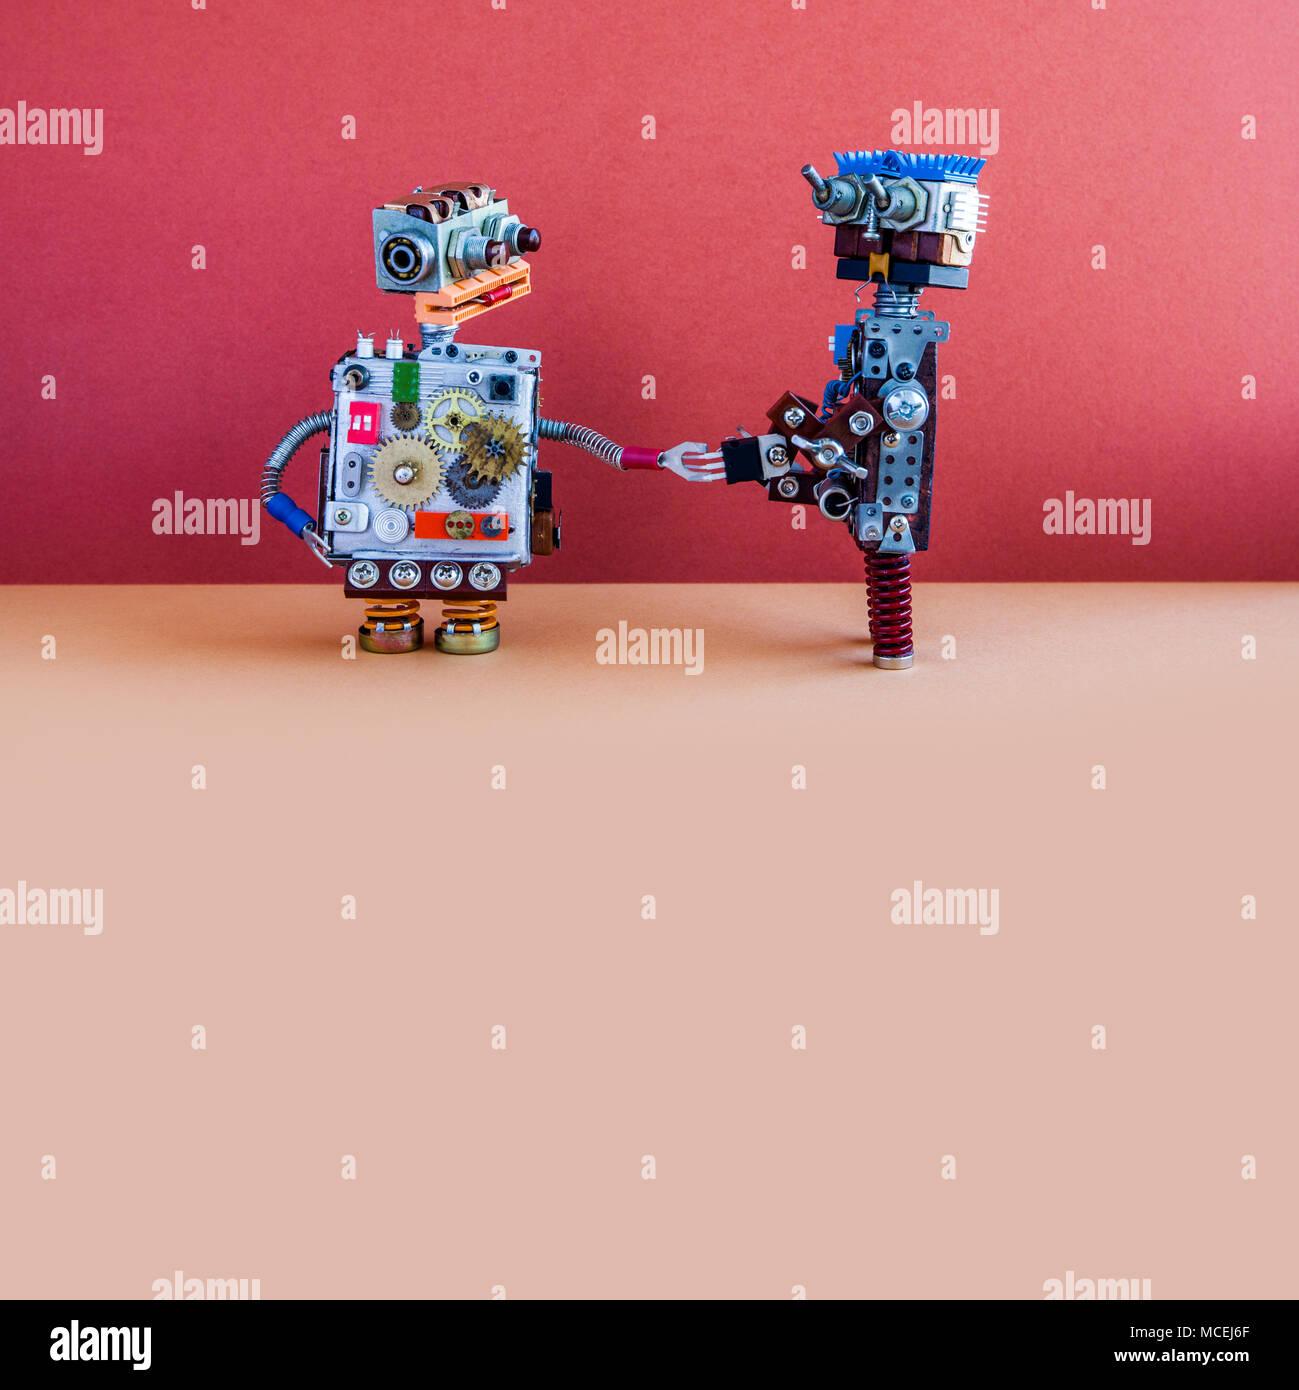 Zwei Roboter begrüßen sich. Handshake von Kybernetischen mechanischen Cyborgs. Kreatives Design Roboter Spielzeug, rote Wand Braun, Hintergrund. Platz kopieren Stockfoto